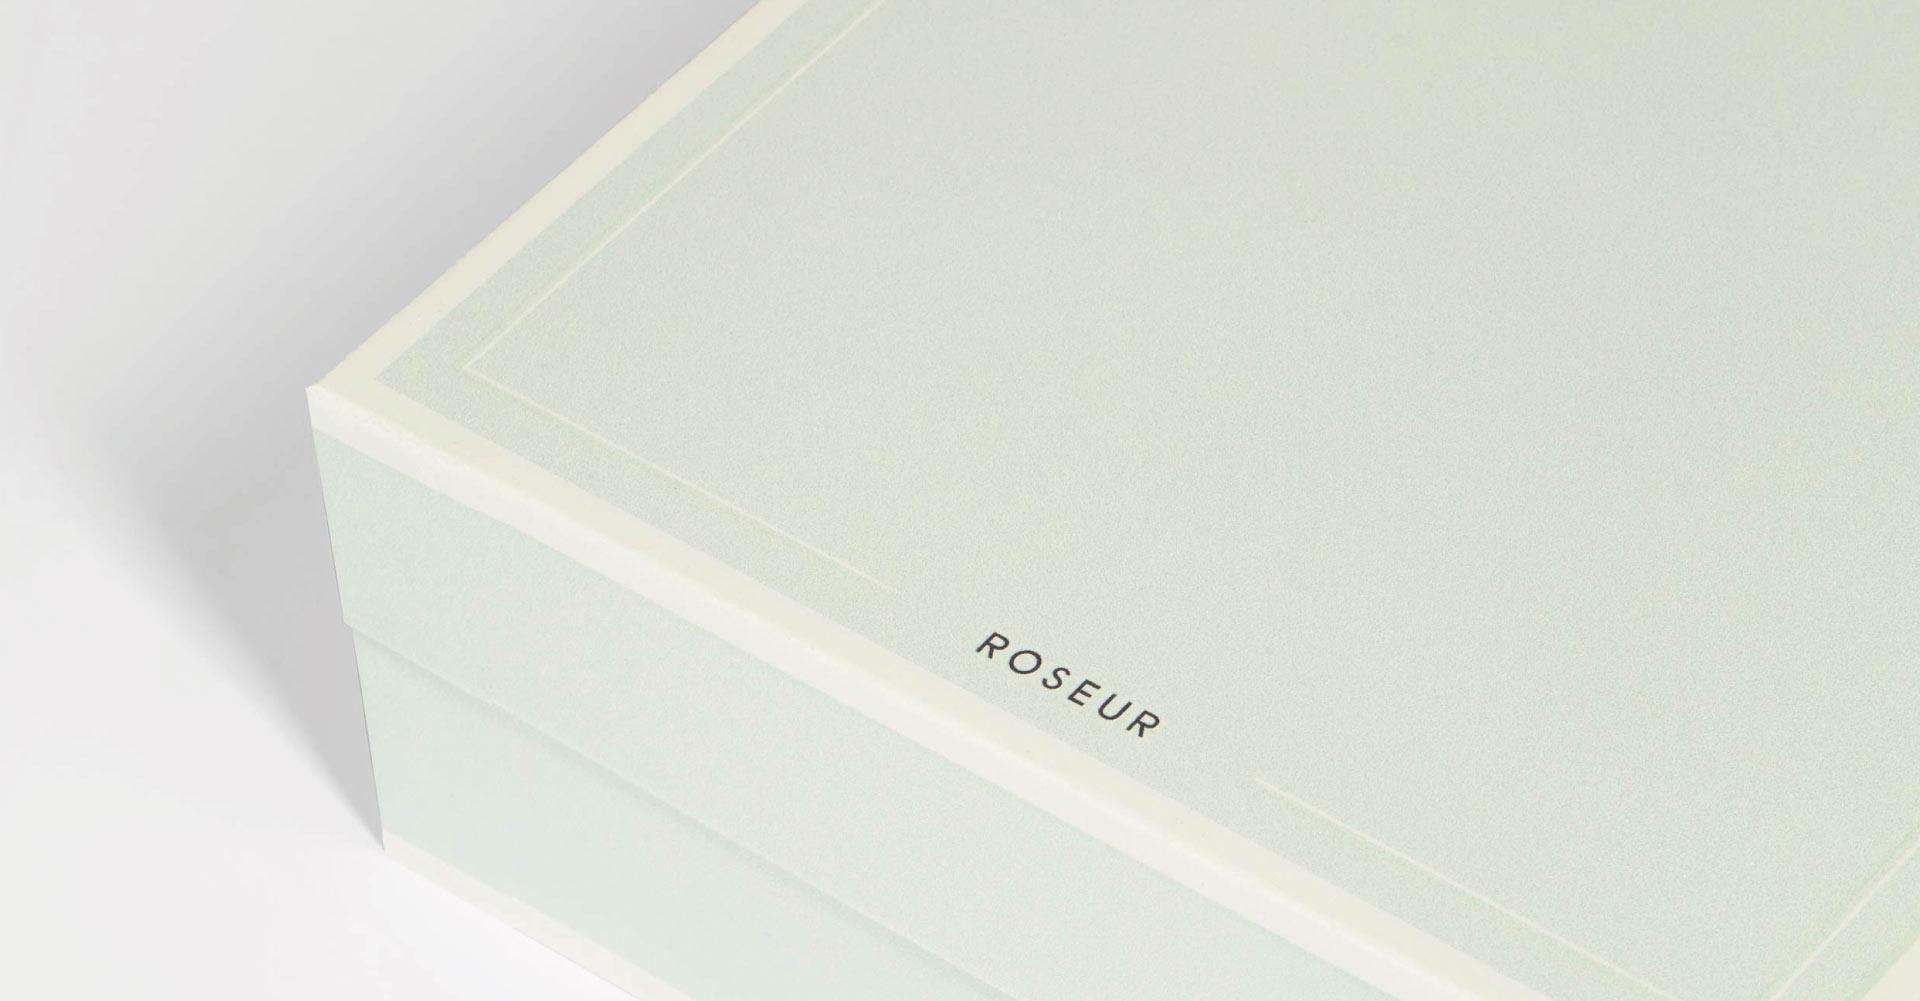 Creative_Retail_Packaging_Custom_Luxury_Packaging_Design_Roseur-06.jpg